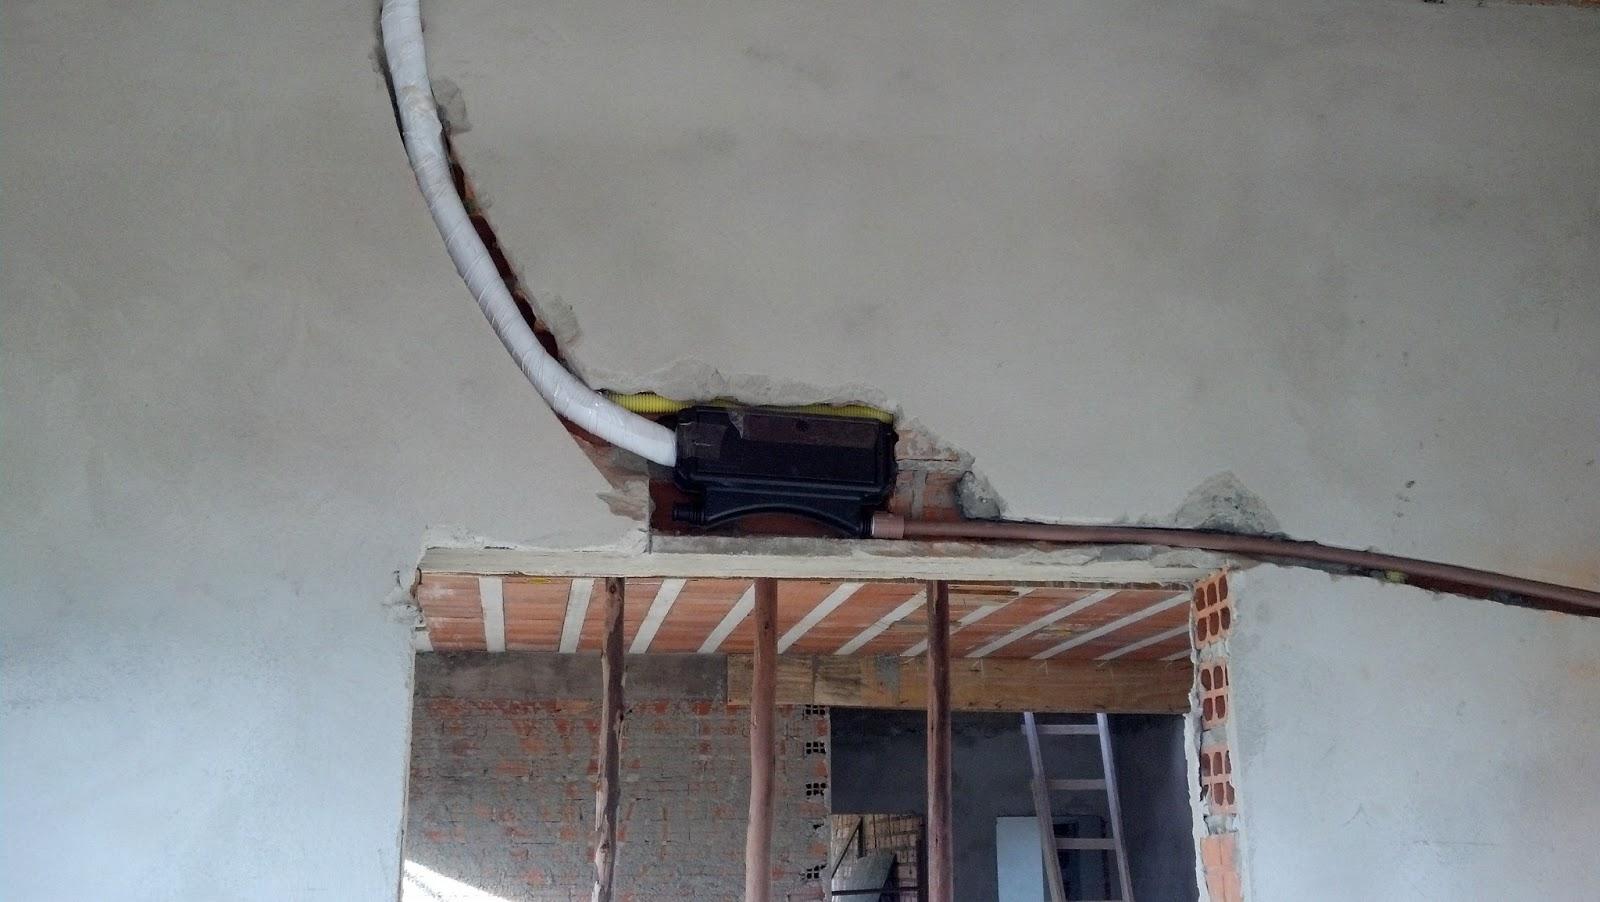 Construindo Nosso Lar Doce Lar: Instalação da tubulação dos Splits #4A6881 1600 902